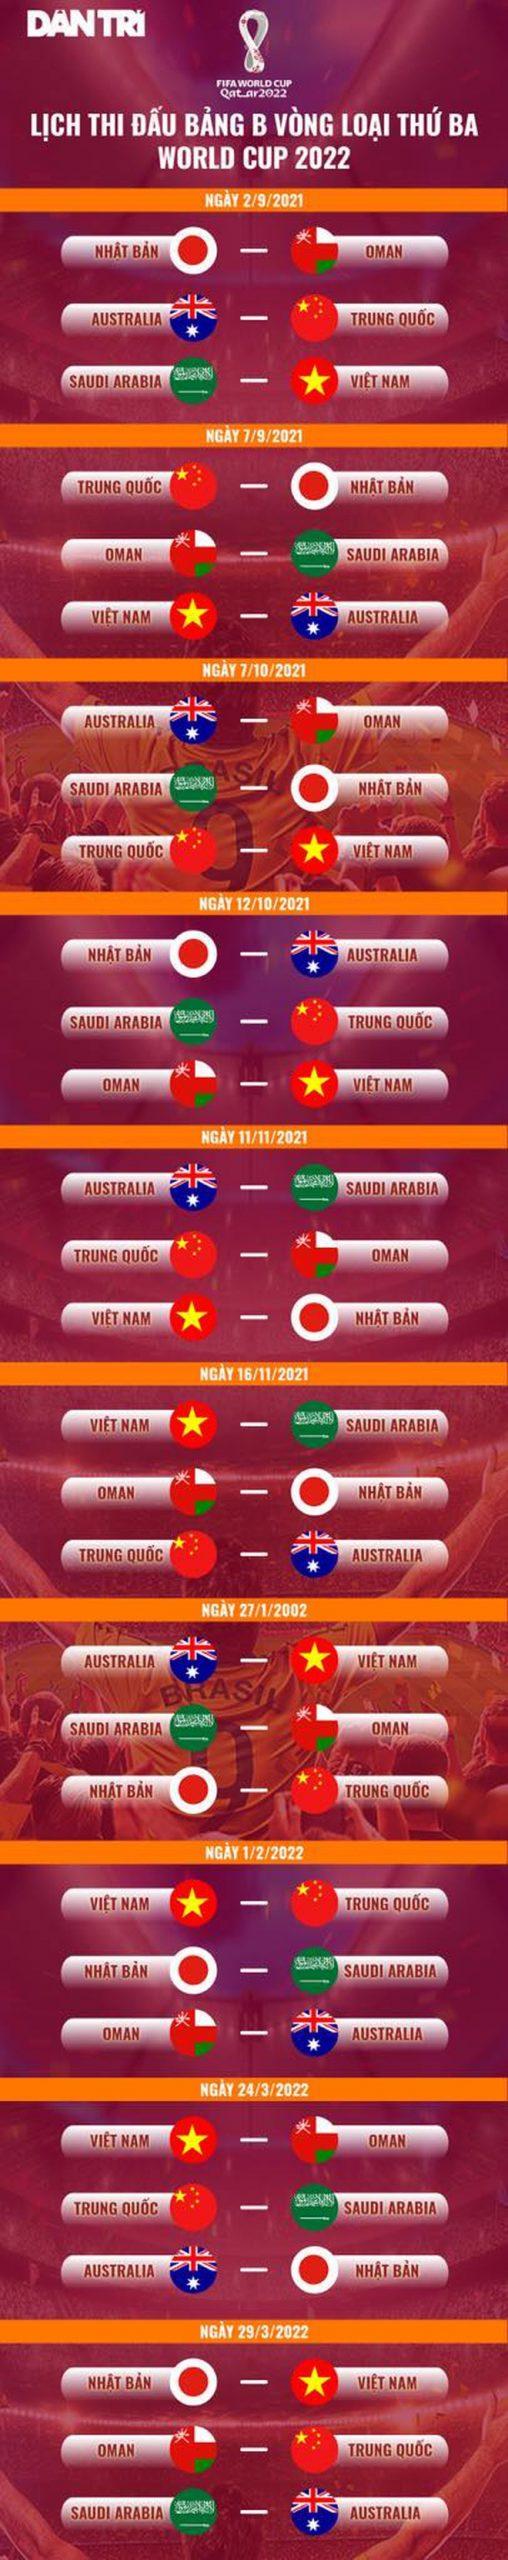 lịch thi đấu vòng loại World Cup khu vực Châu Á